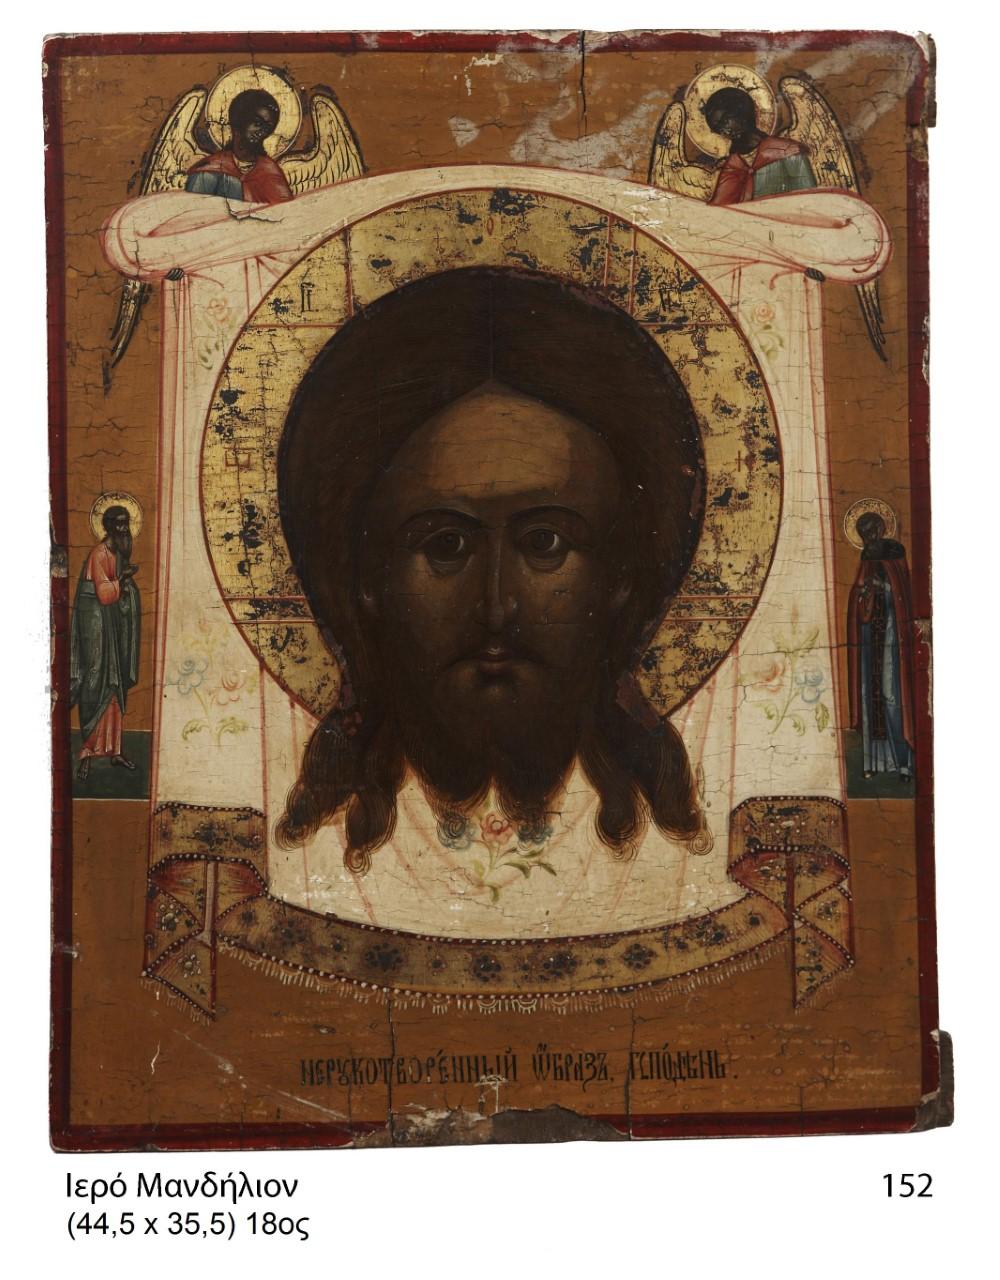 Ρωσικές θρησκευτικές εικόνες